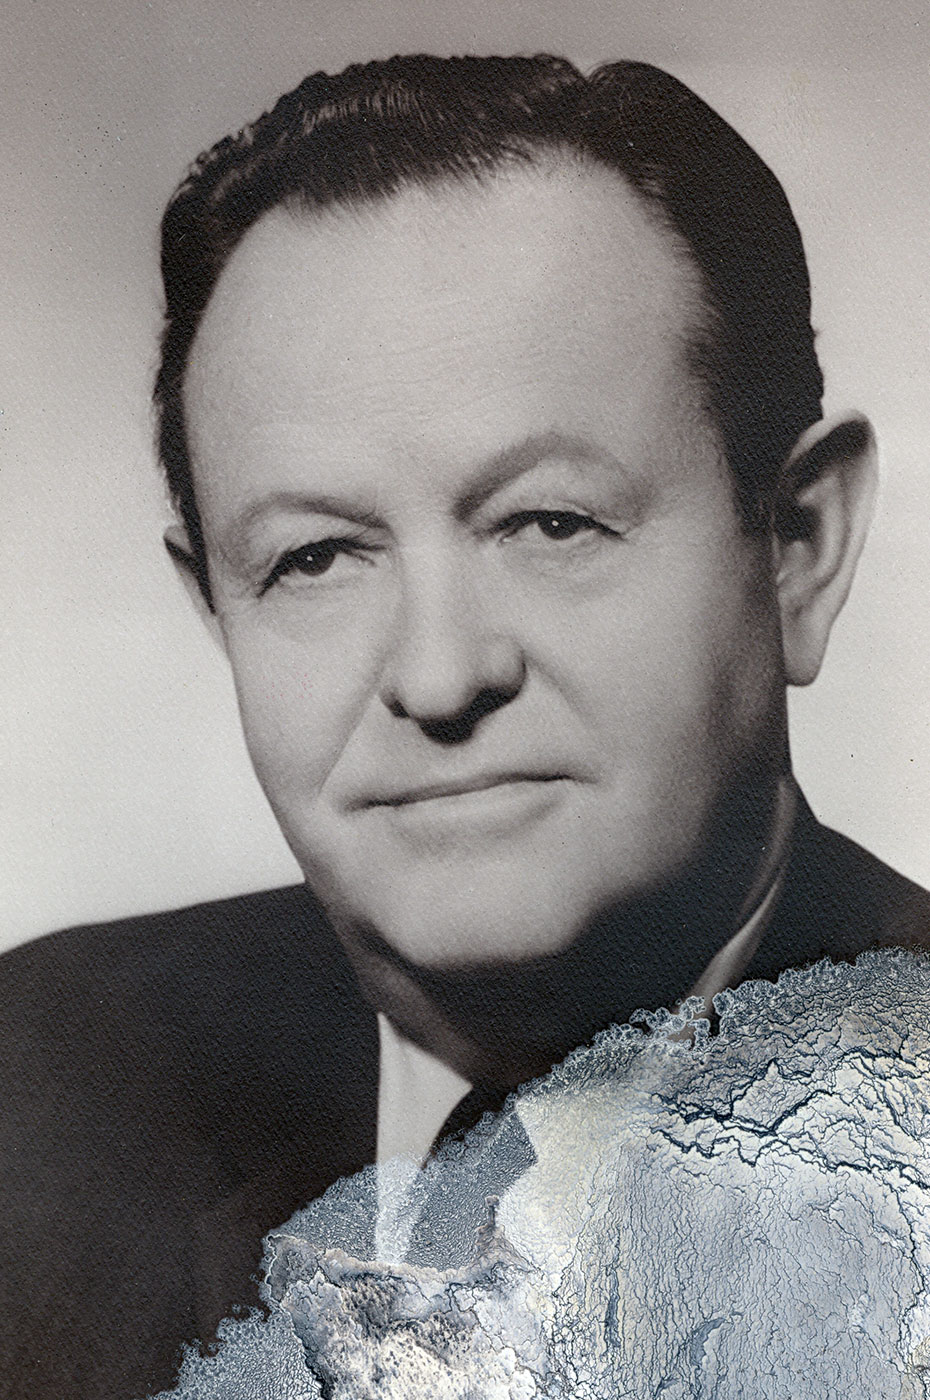 John E. Ford, Jr.